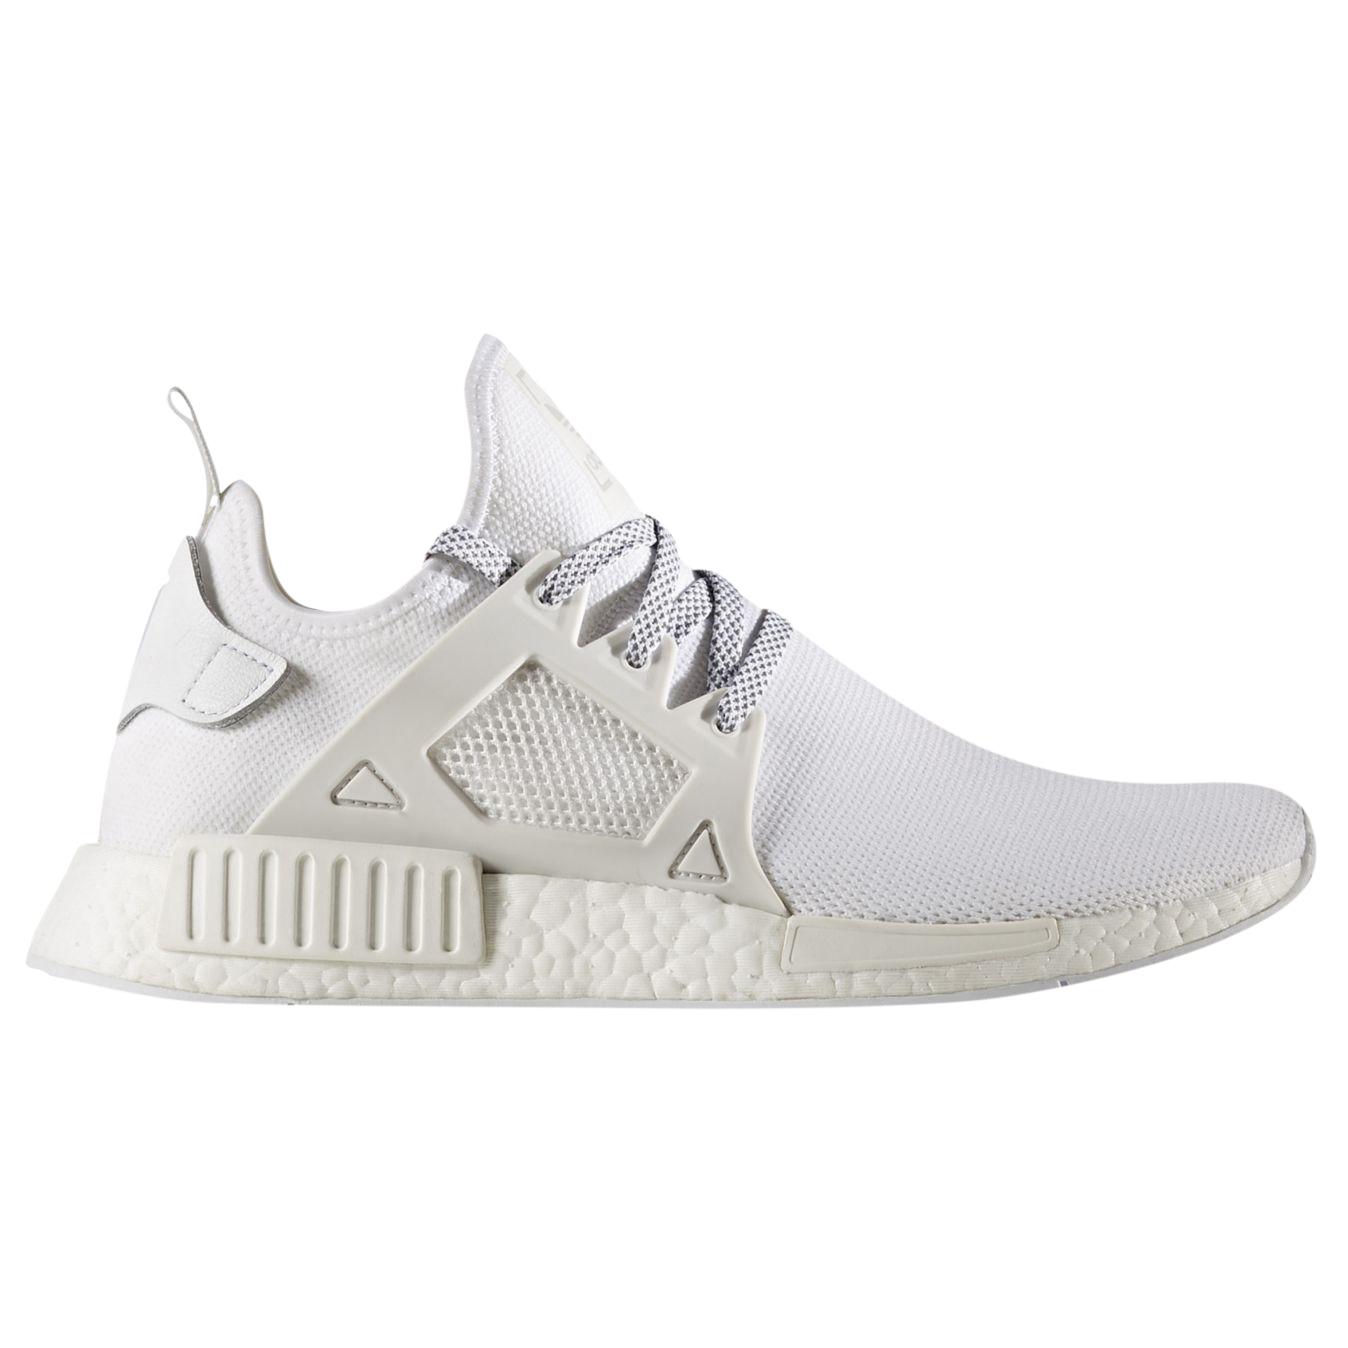 Adidas Nmd Xr1 Triple White Mesh Kicksonfire